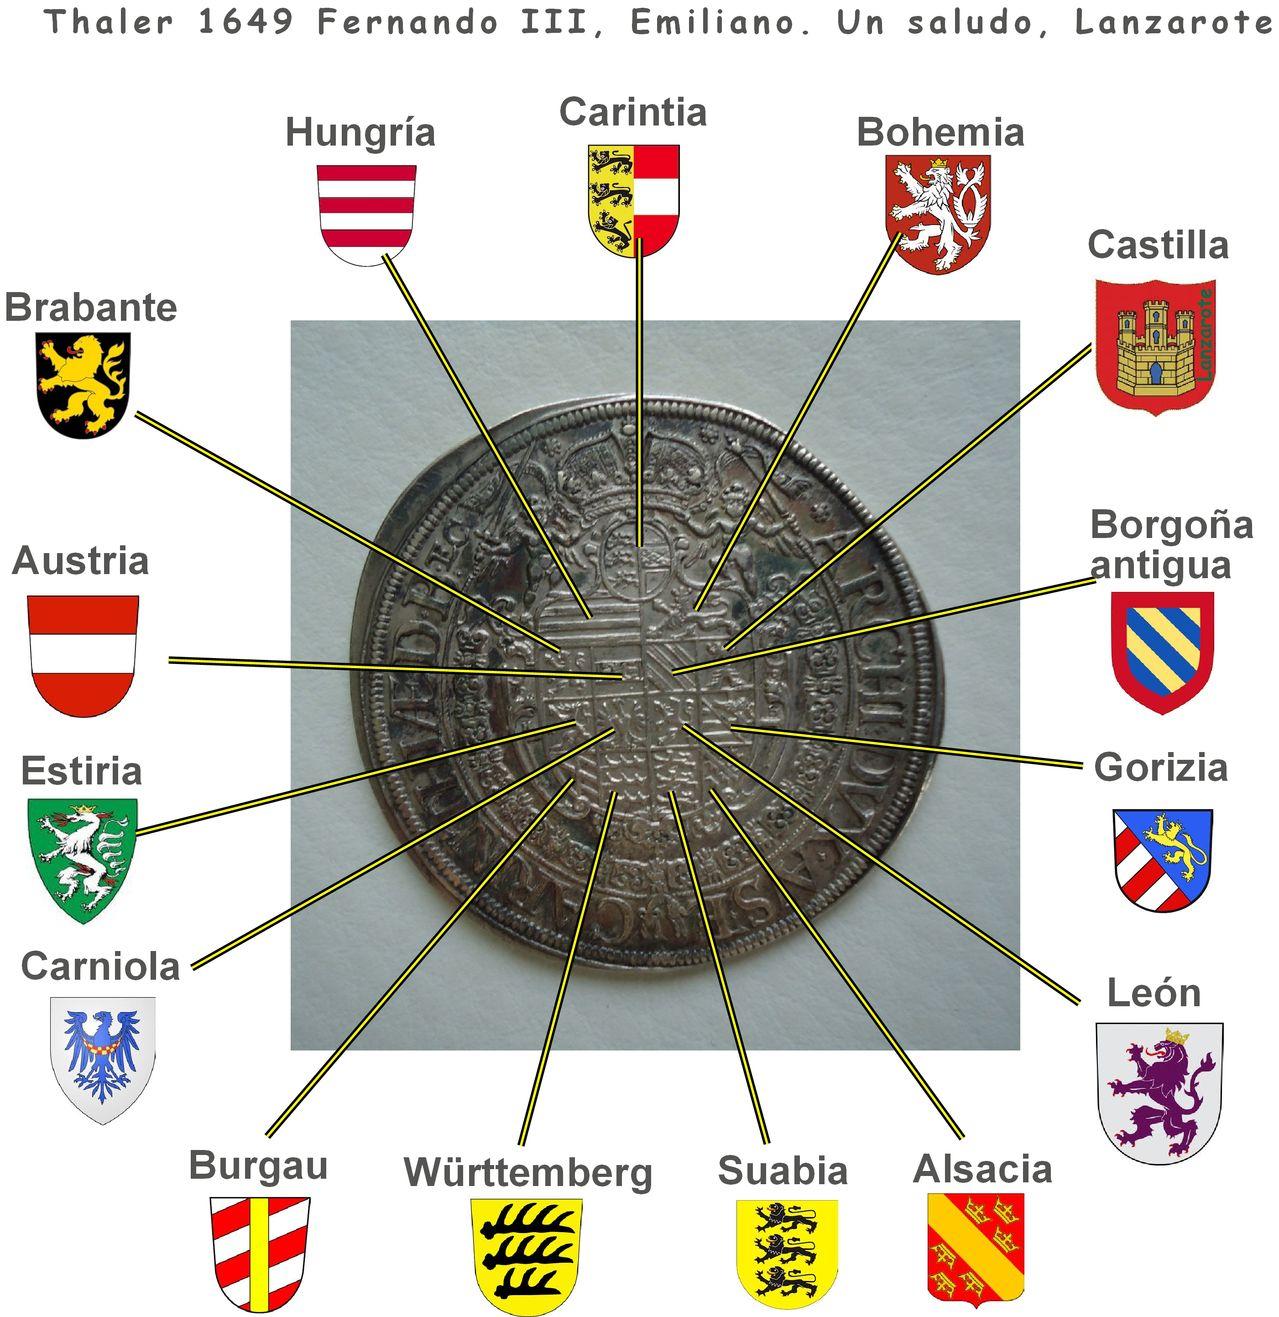 Tahler 1649 Fernando III, emperador del Sacro Imperio Thaler_emuliano